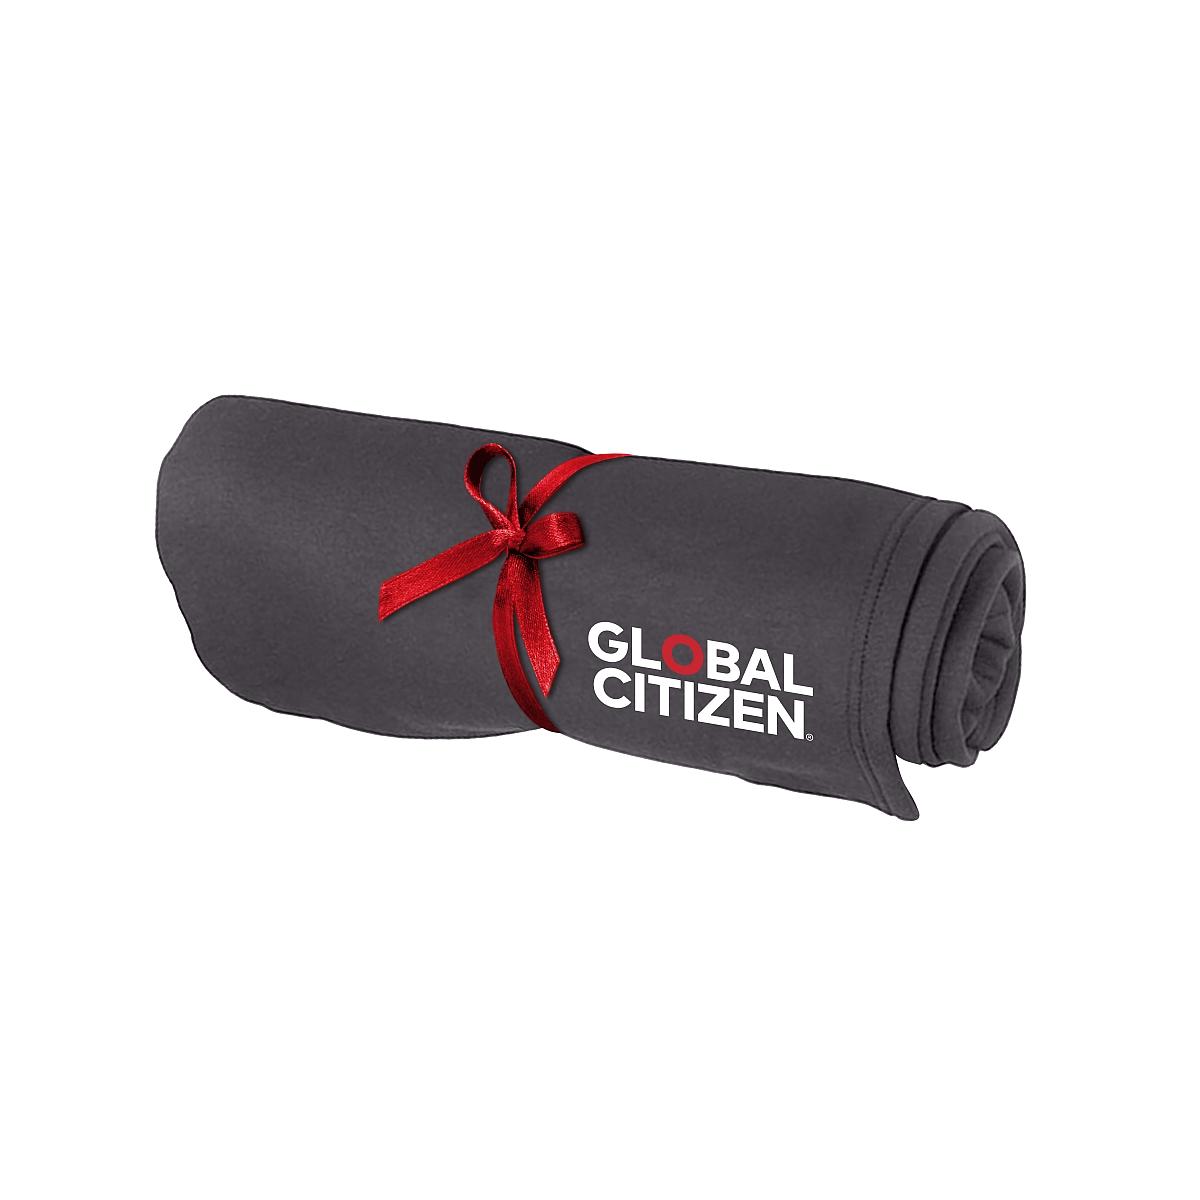 Global Citizen Fleece Blanket